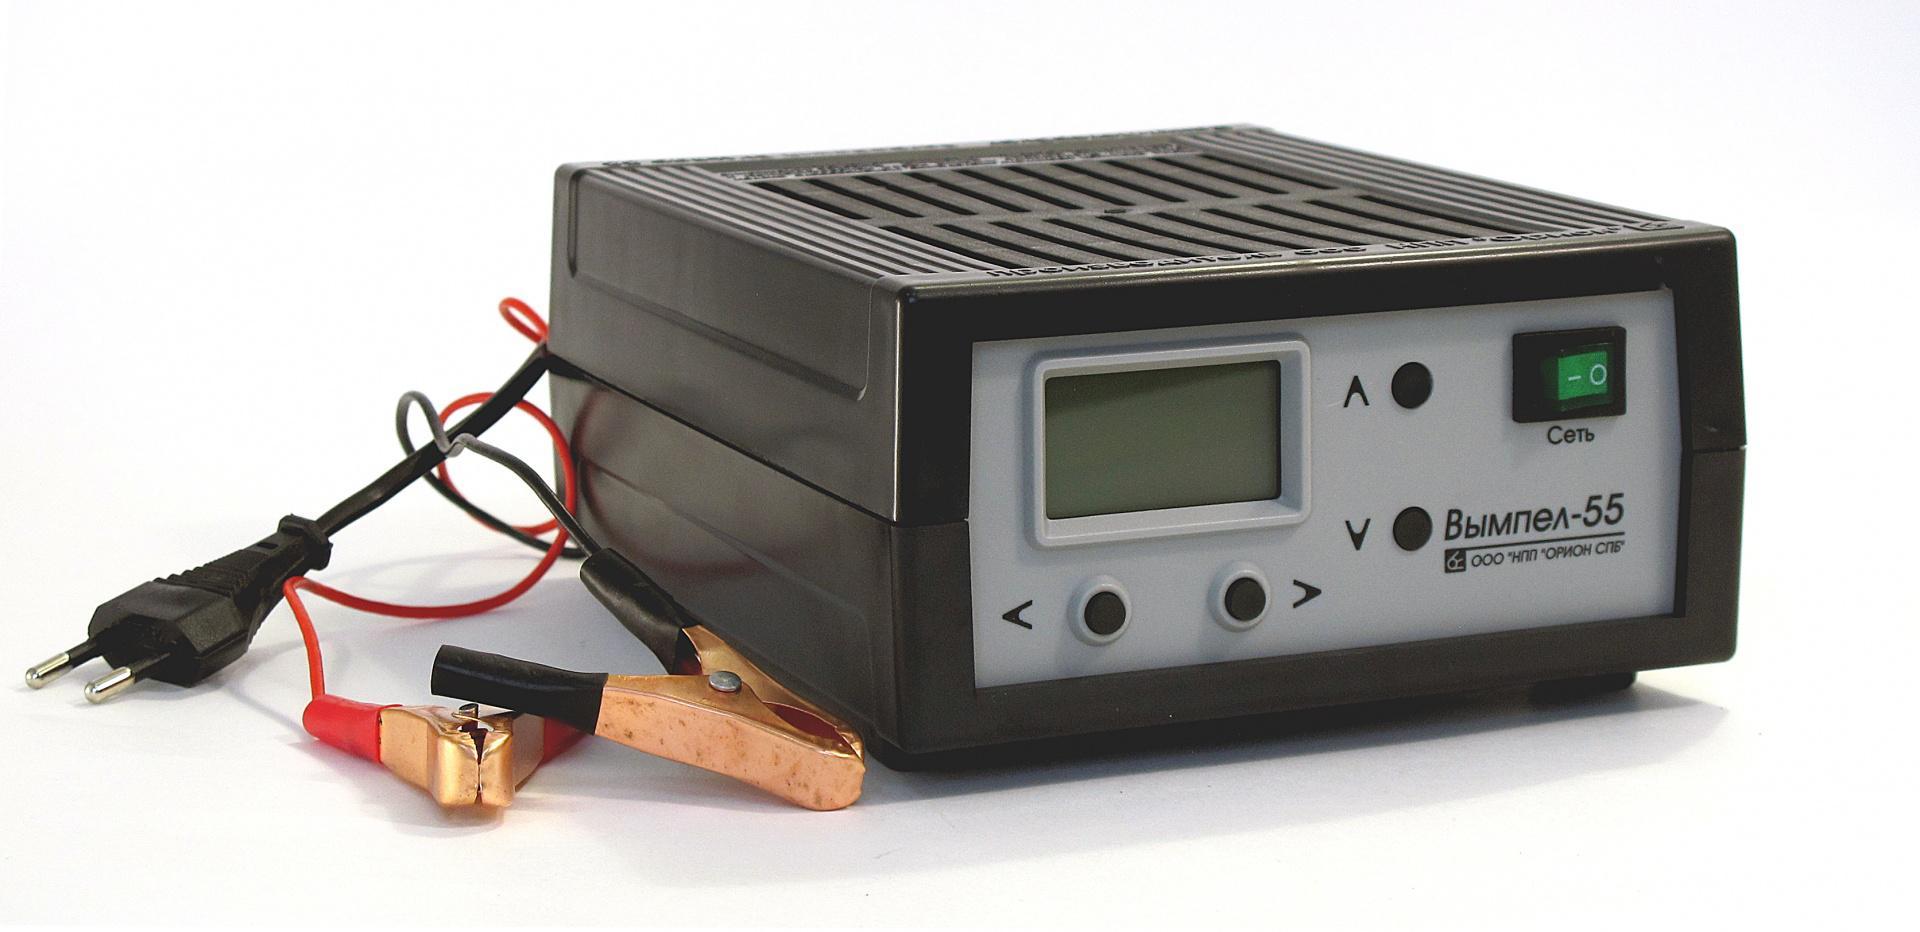 Зарядное устройство ОРИОН Вымпел-55 зарядное устройство орион вымпел 57